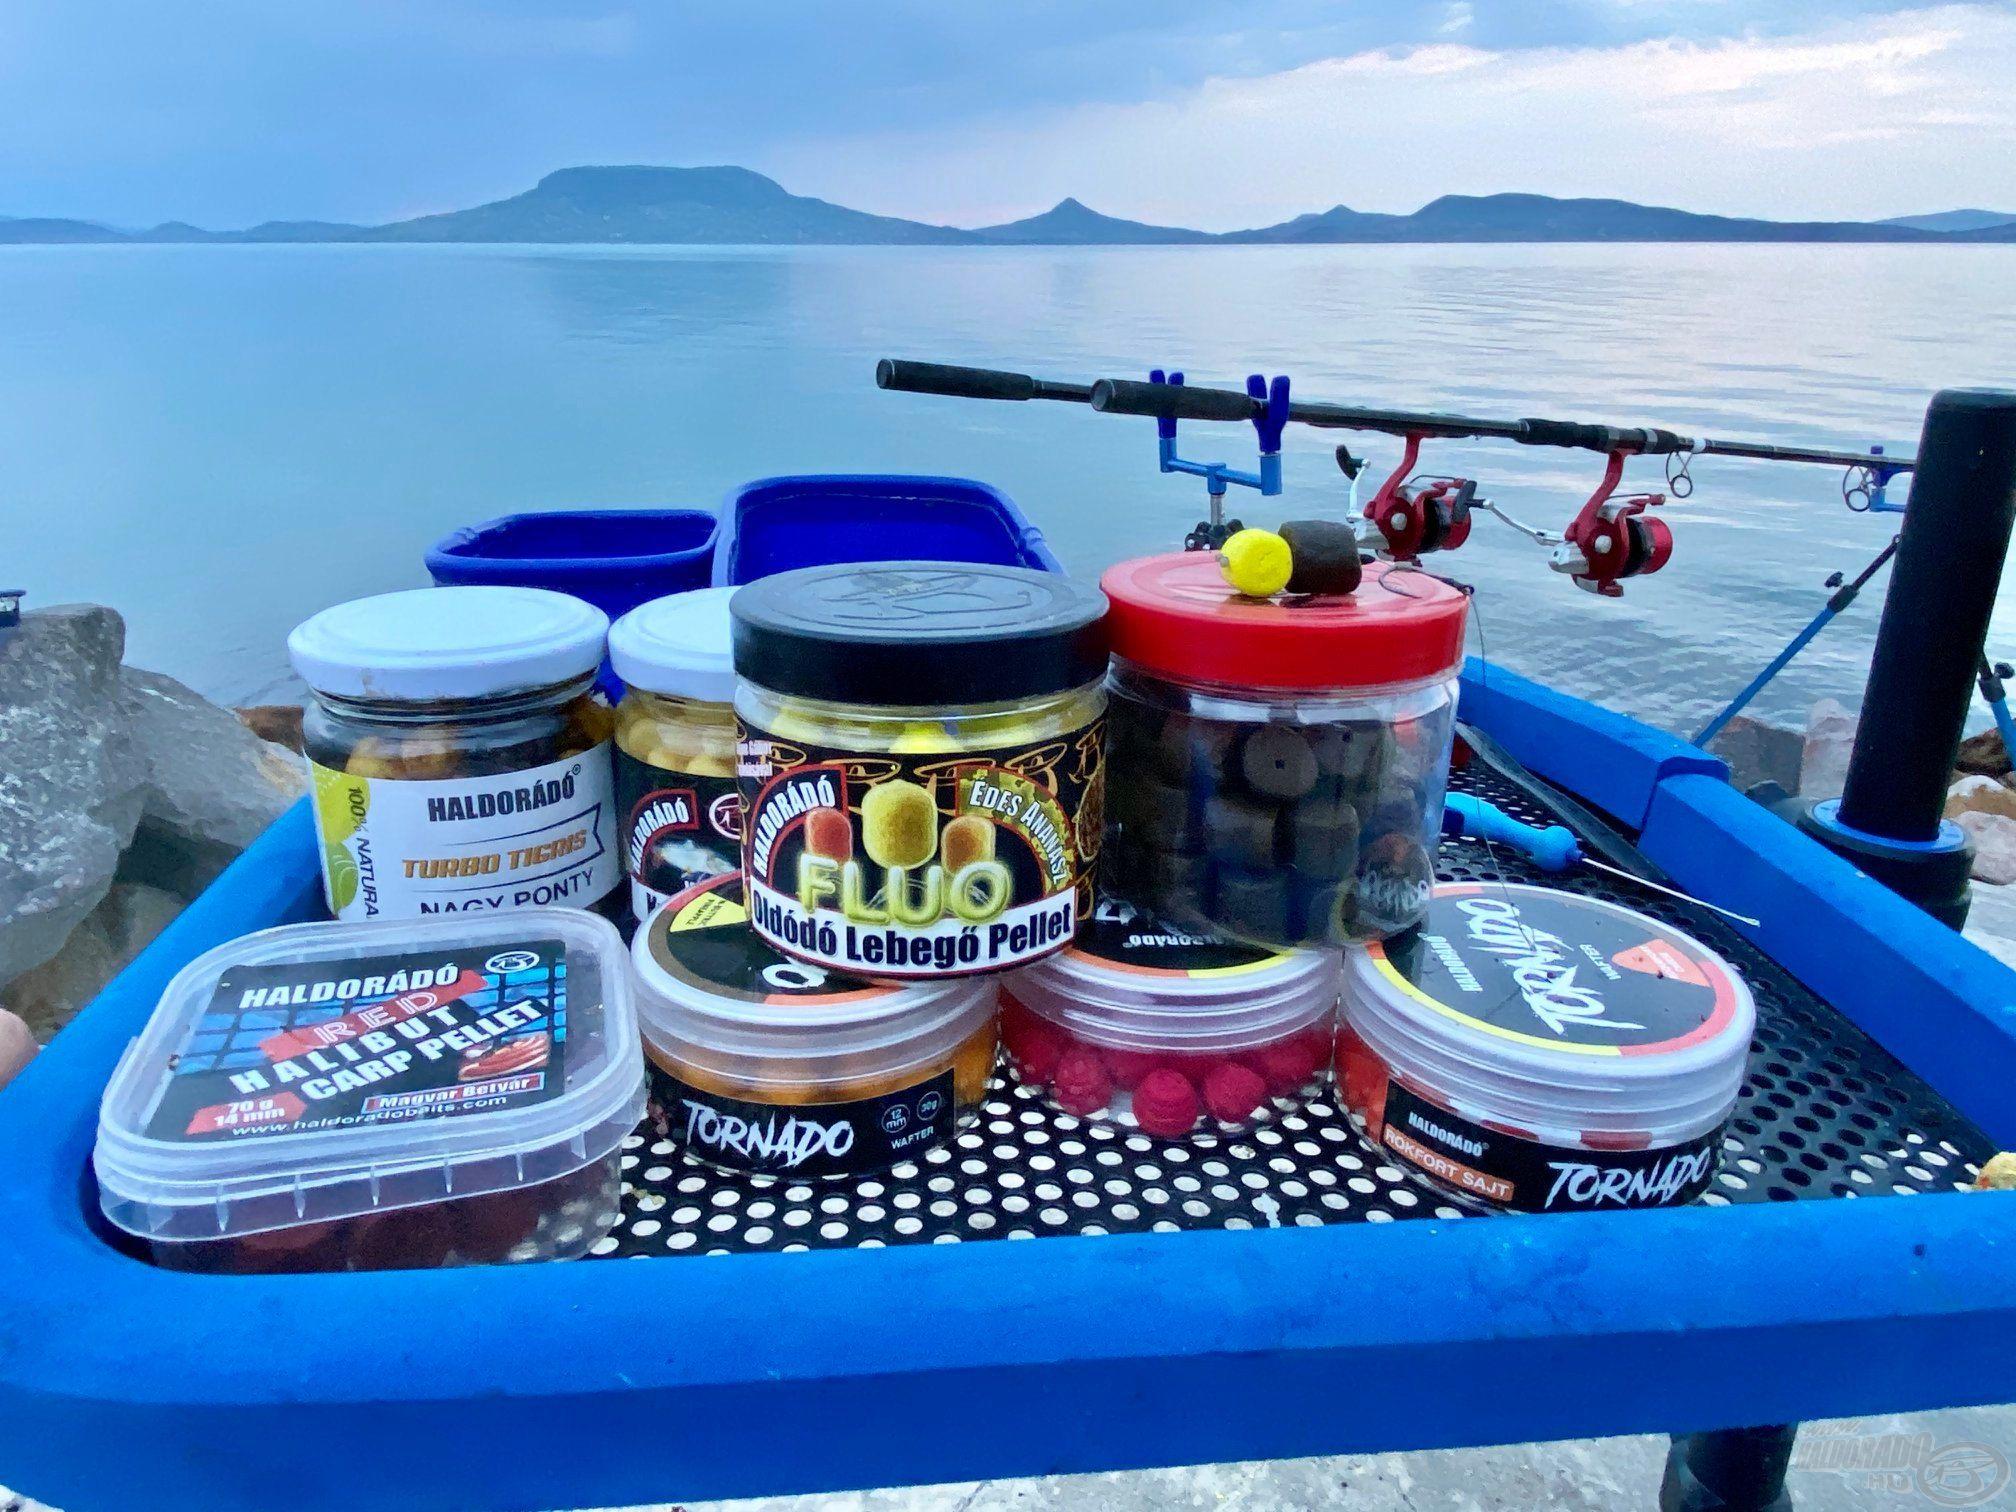 A megfelelő és tényleges, valós szelektáló hatást biztosító csali milyensége (színe, mérete, aromája stb.) többnyire az adott vízterülettől és az ott élő halak ízlésétől függ, tehát sokféle lehet